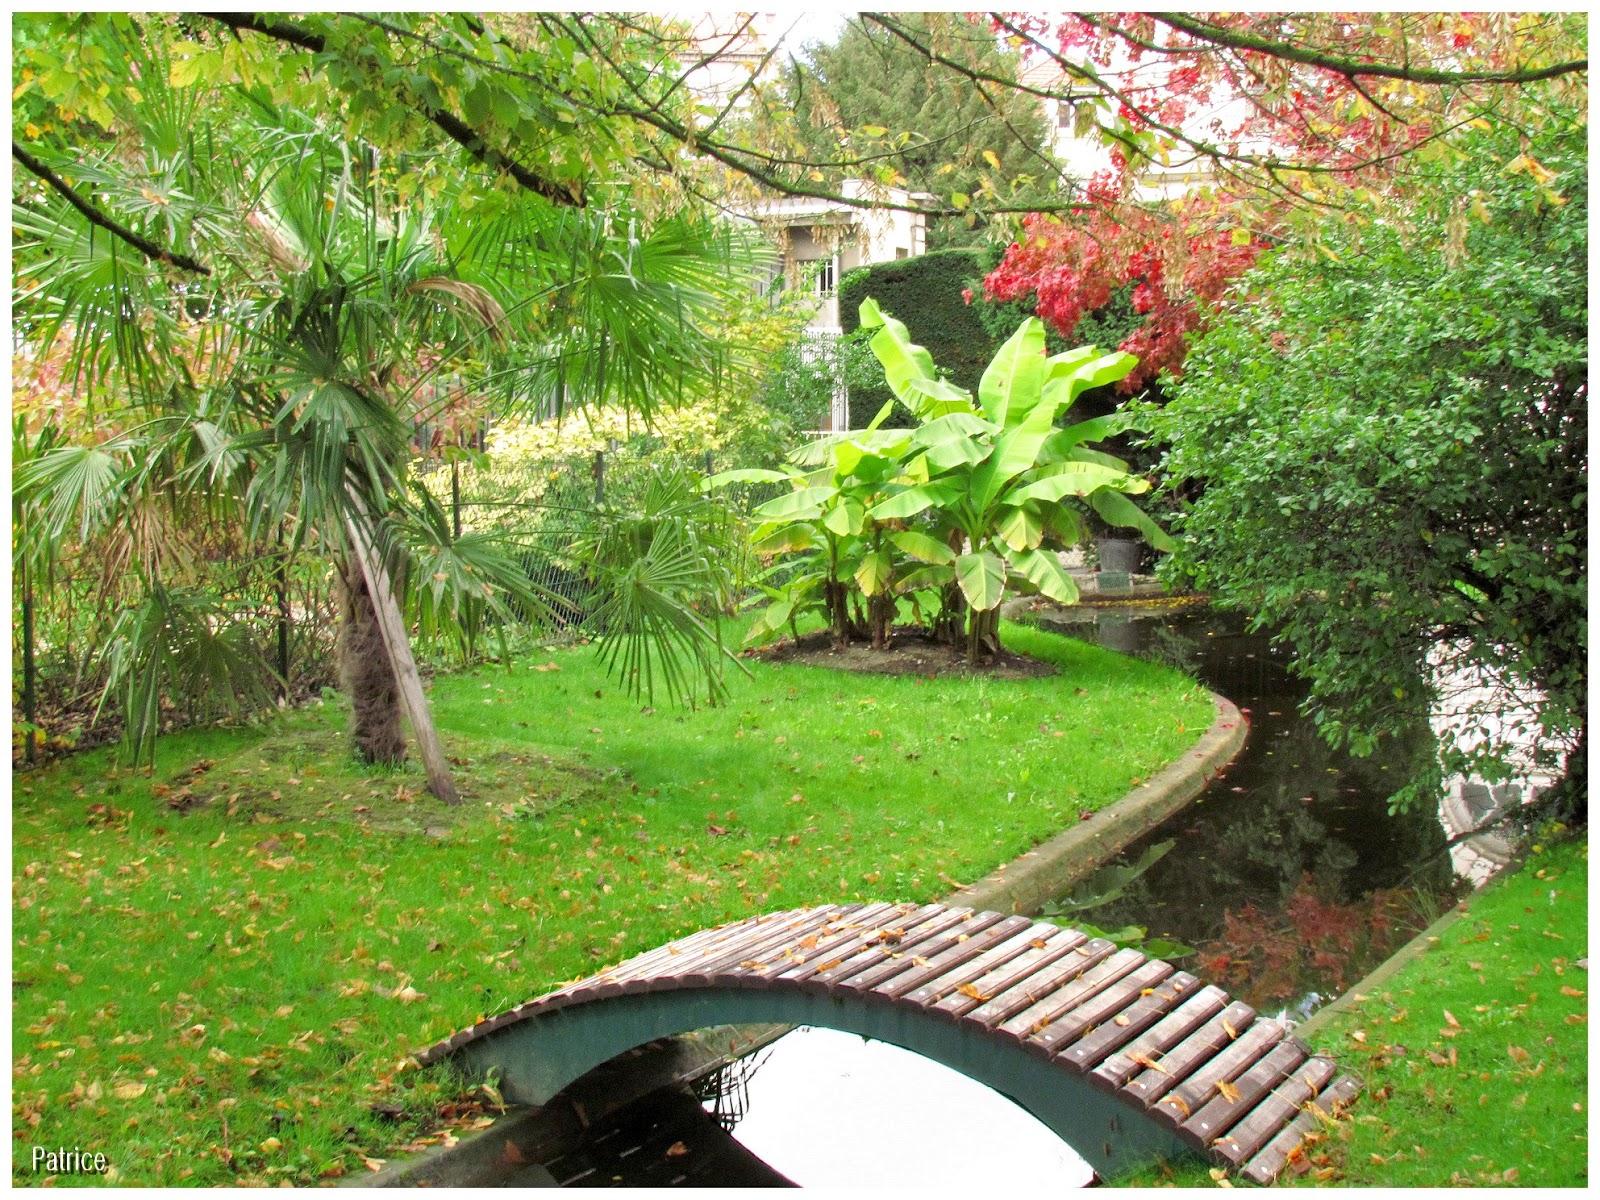 Blog photos de patrice octobre 2012 - Bassin jardin japonais grenoble ...